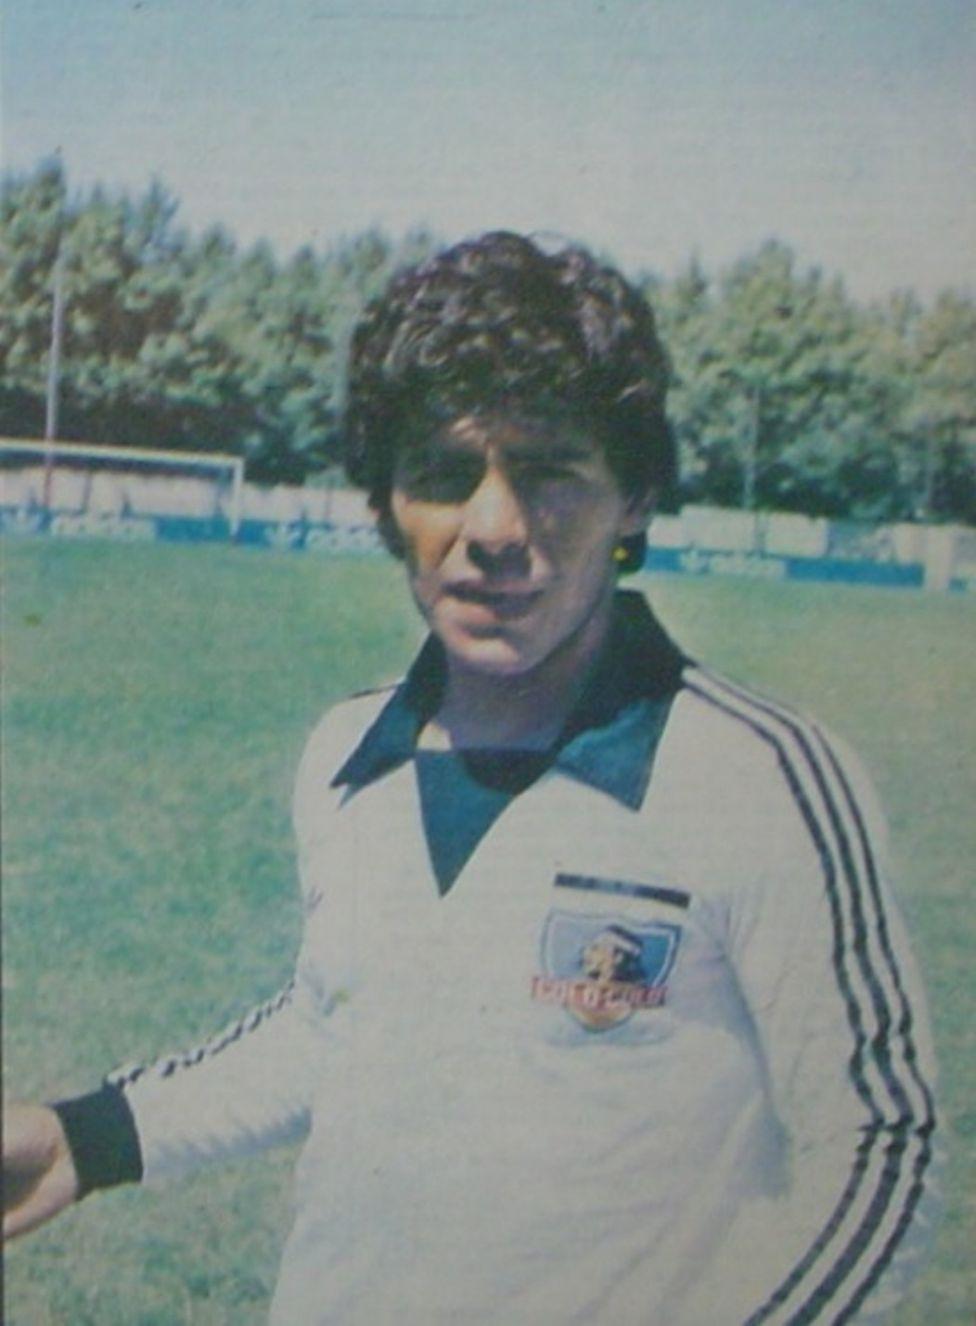 Visitas memorables de Maradona a Chile| Fotogalería | Album | AS.com